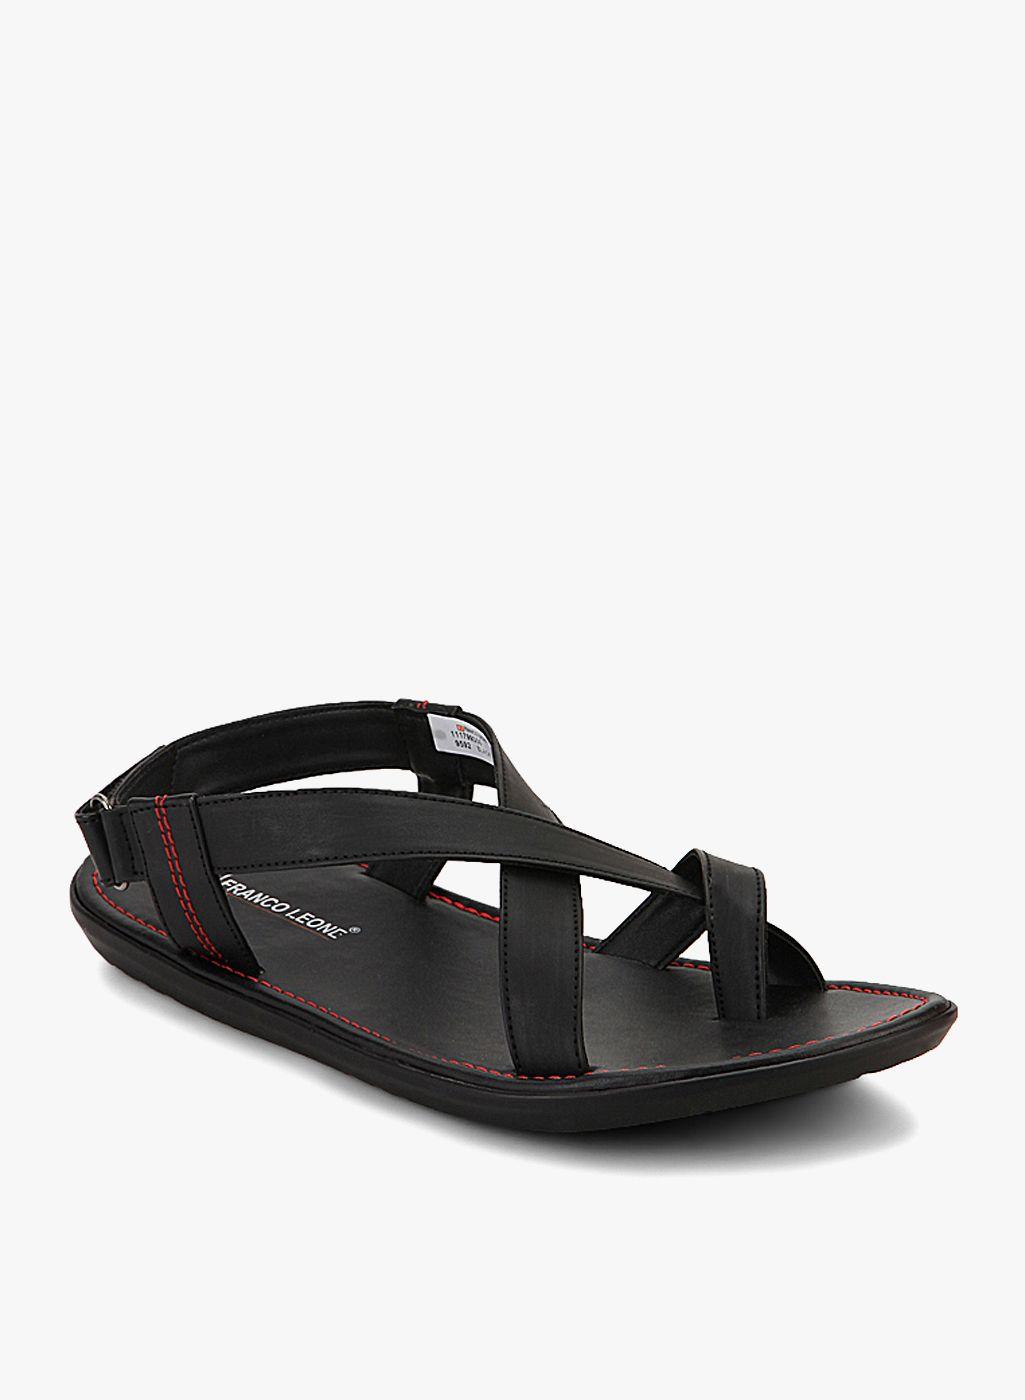 Black sandals online - Buy Franco Leone Black Sandals For Men Online India Best Prices Reviews Fr057sh80jbfindfas